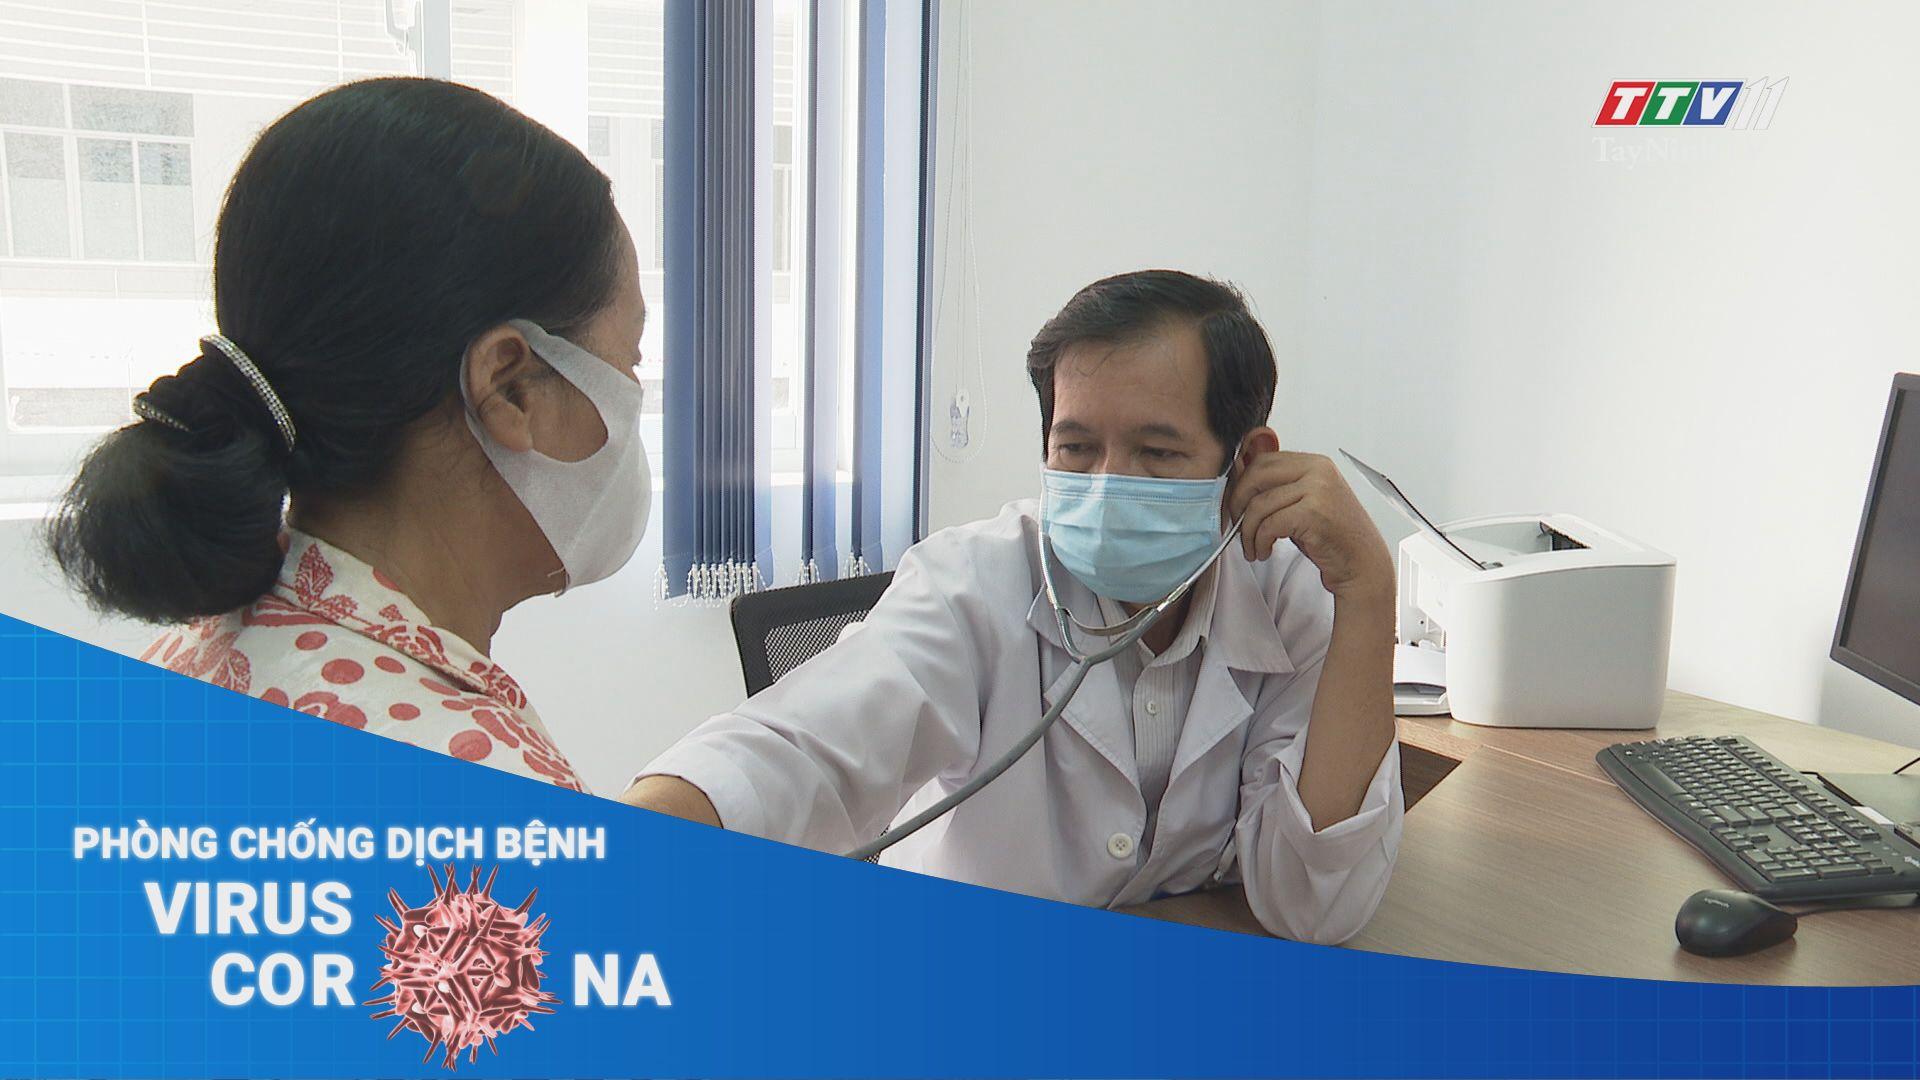 Nhân viên y tế phòng chống dịch cho người thân | THÔNG TIN DỊCH CÚM COVID-19 | TayNinhTV